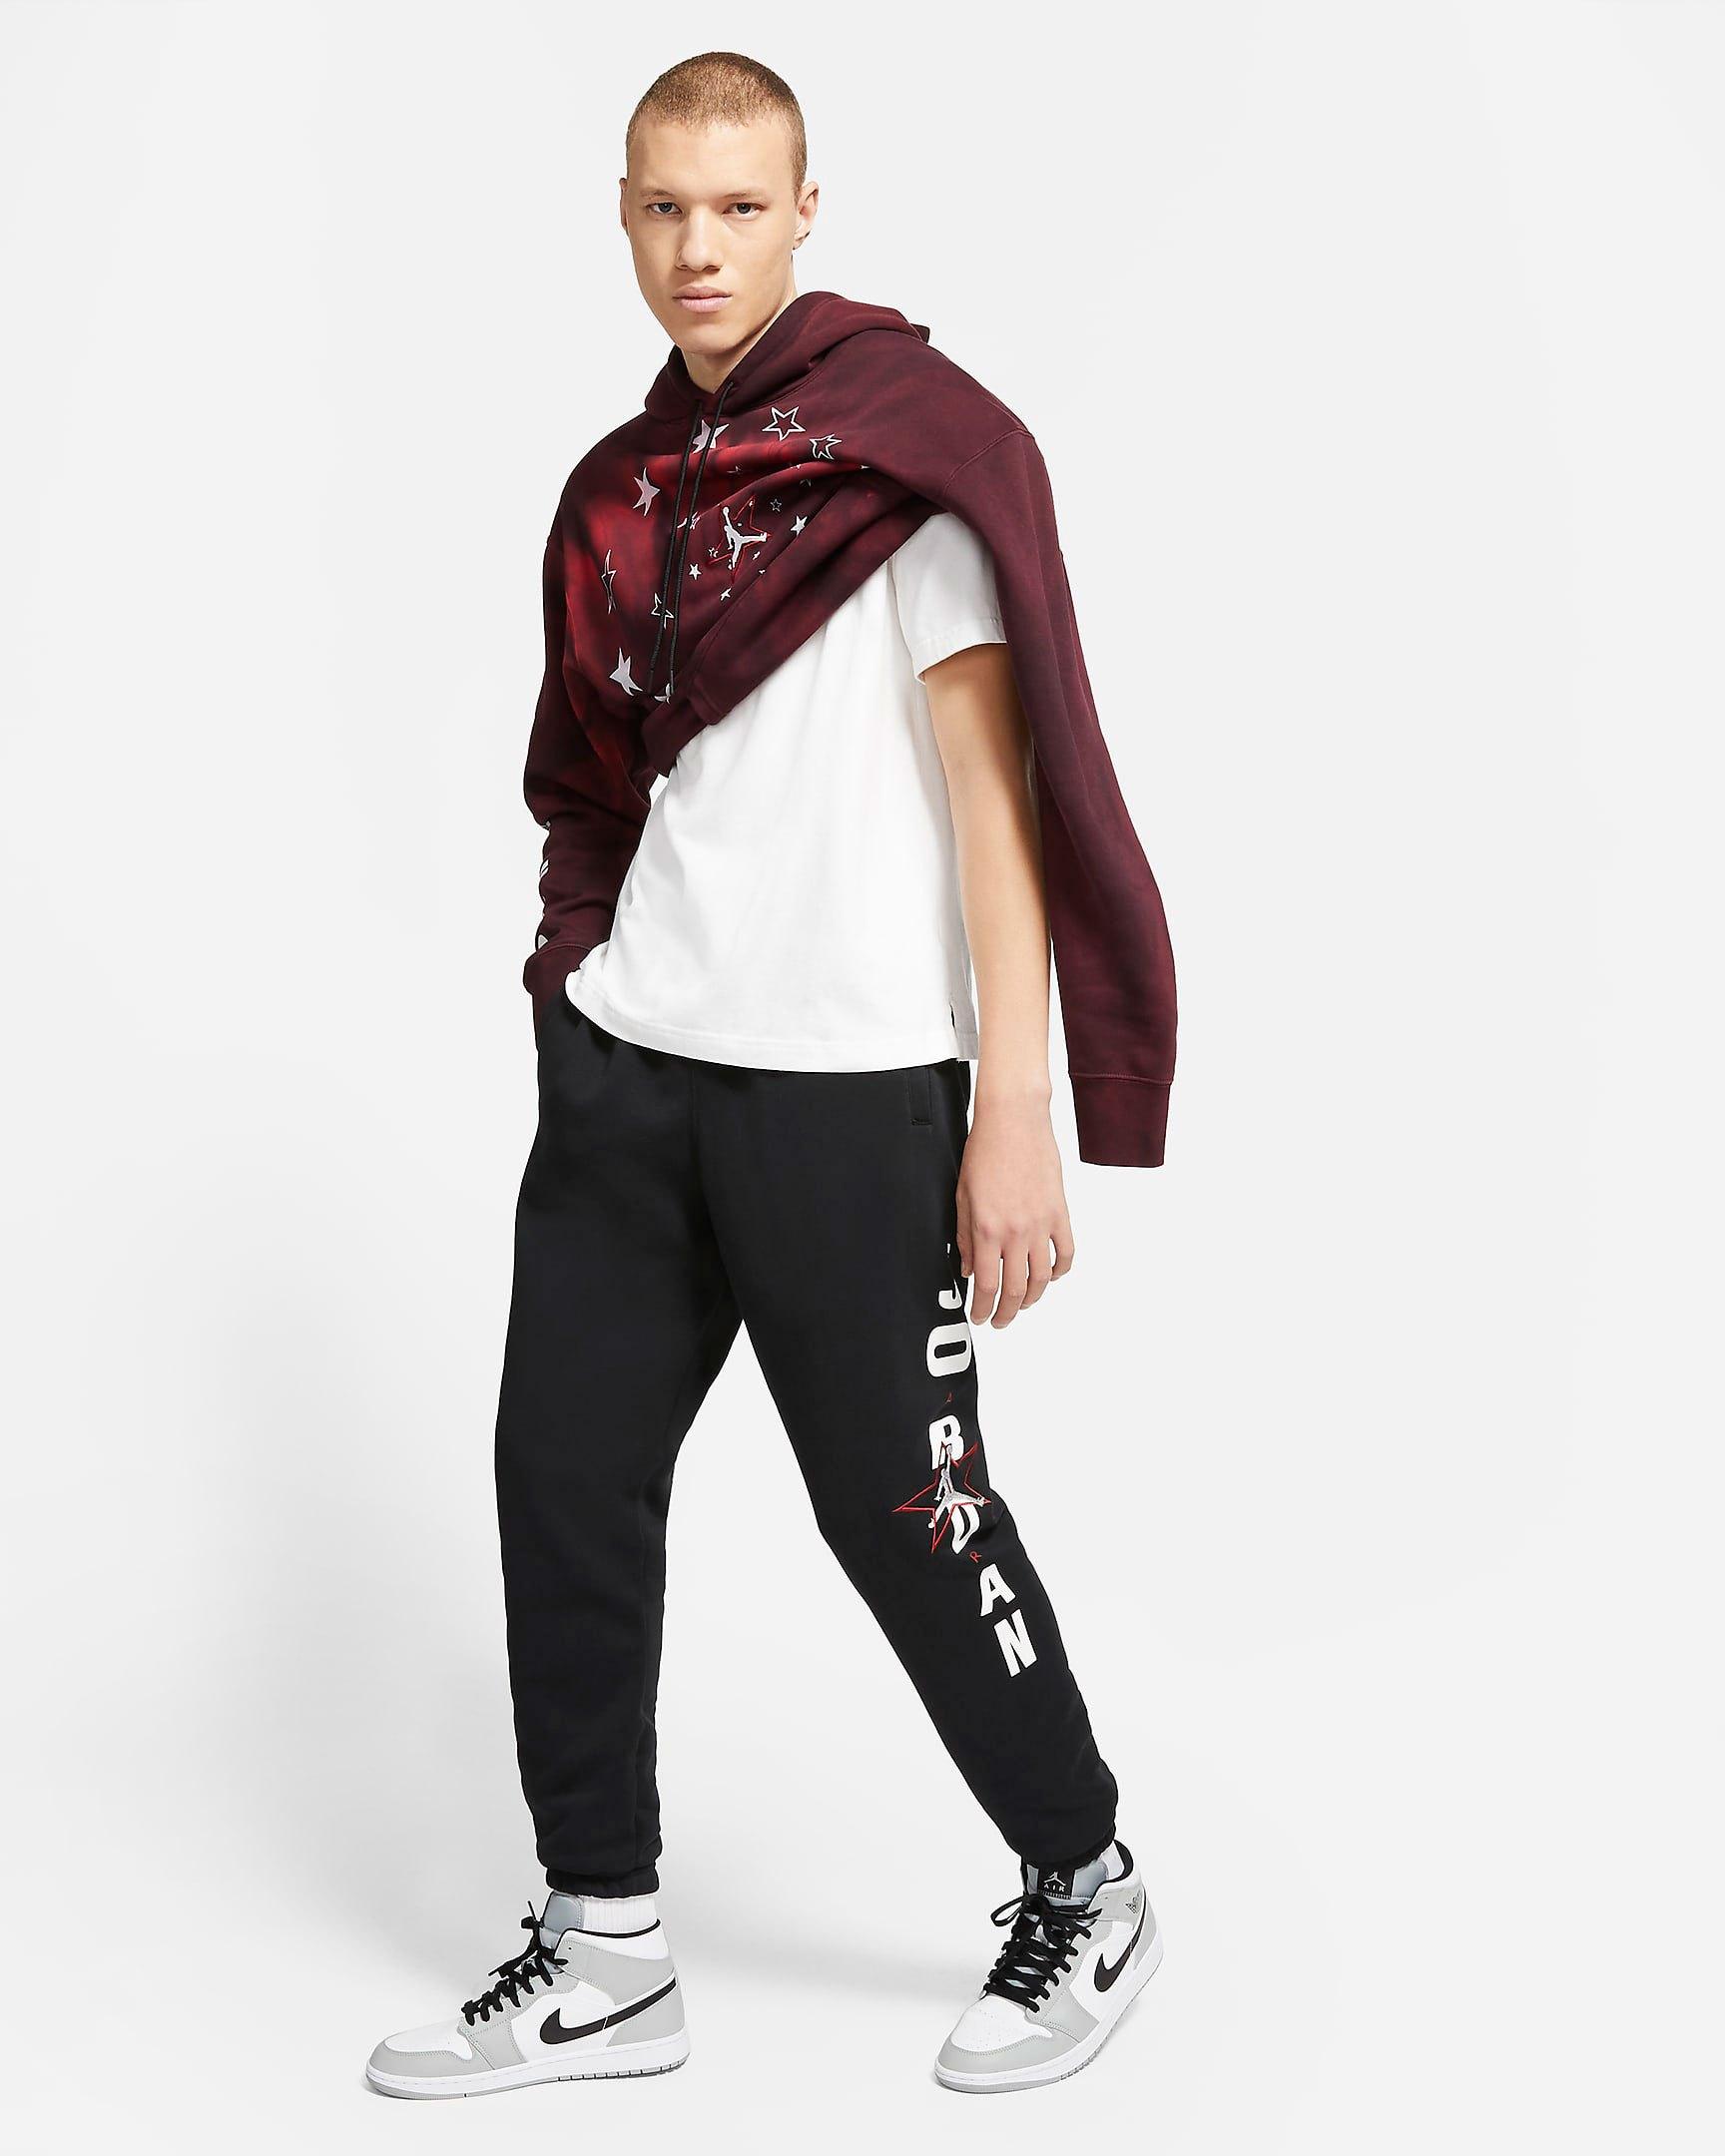 air-jordan-6-carmine-hoodie-pants-outfit